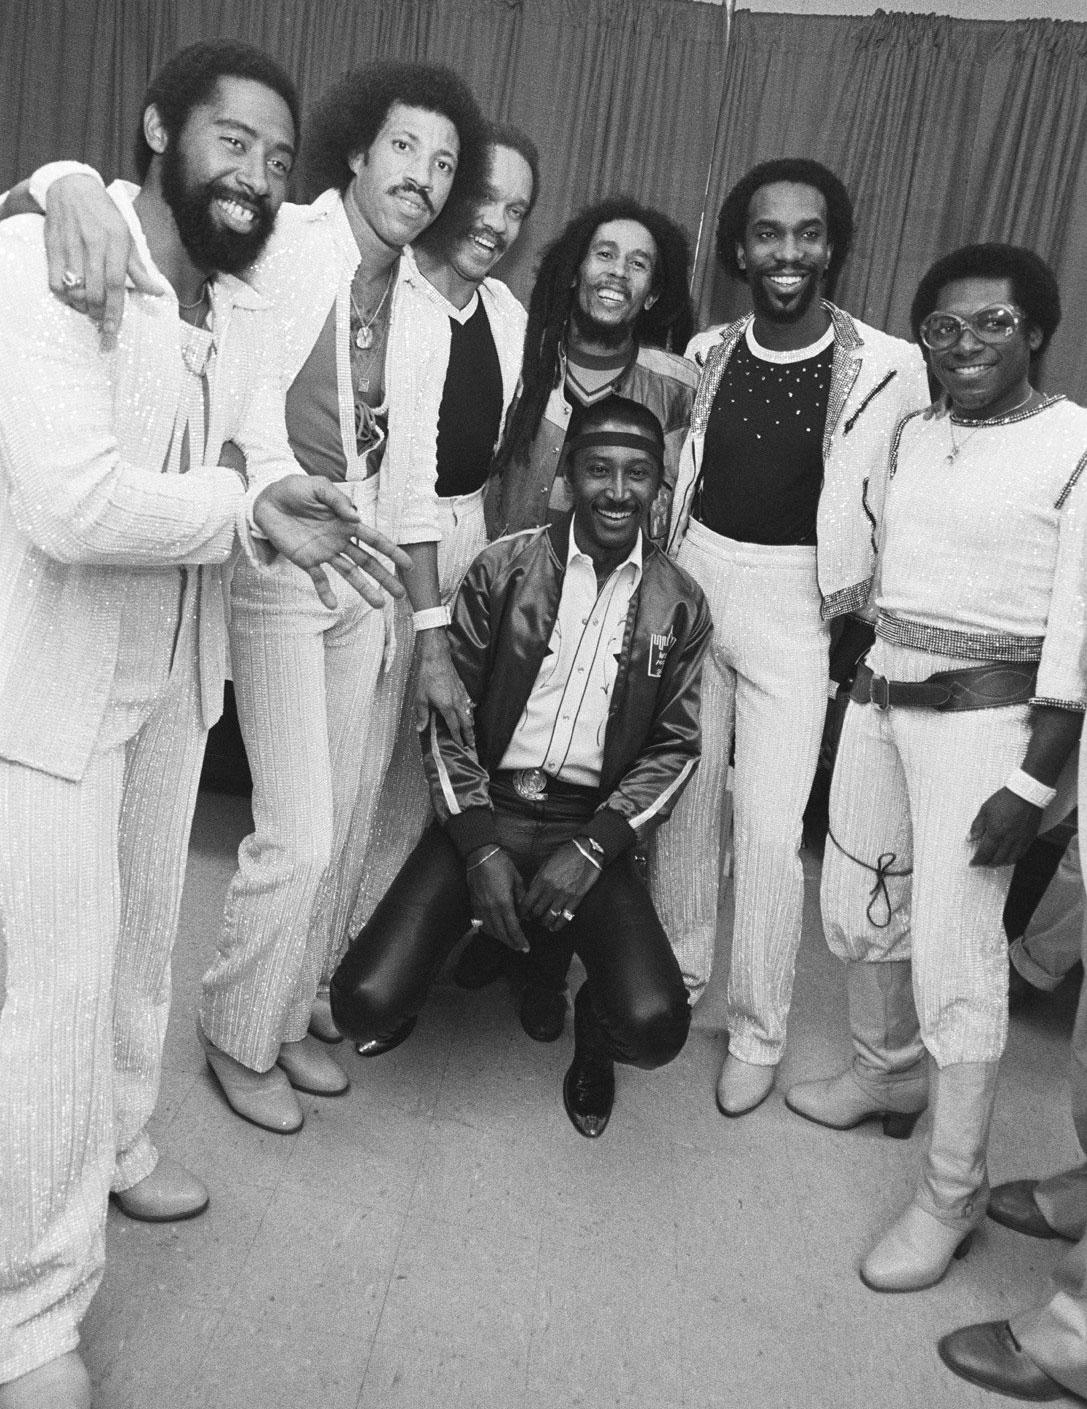 Bob Marley e The Commodores, mistura de soul e reggae para conquistar novos públicos.  |  foto: reprodução internet